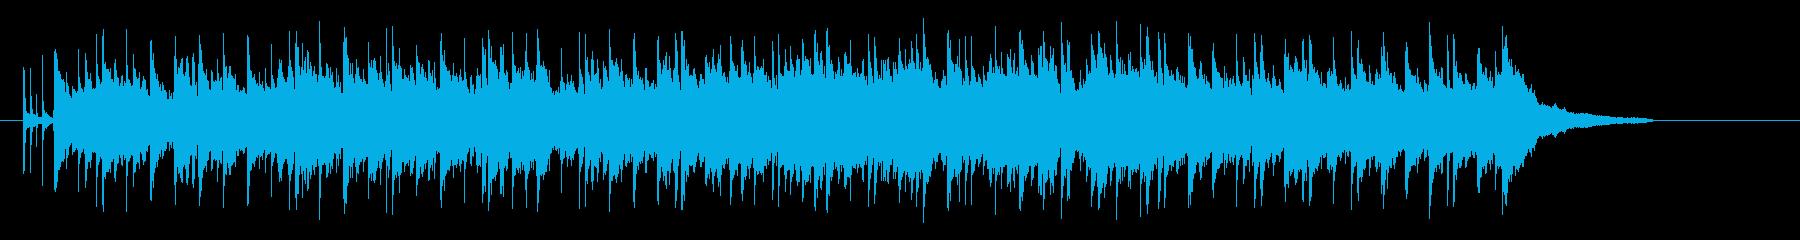 落着いた優しい感じのミディアム・バラードの再生済みの波形